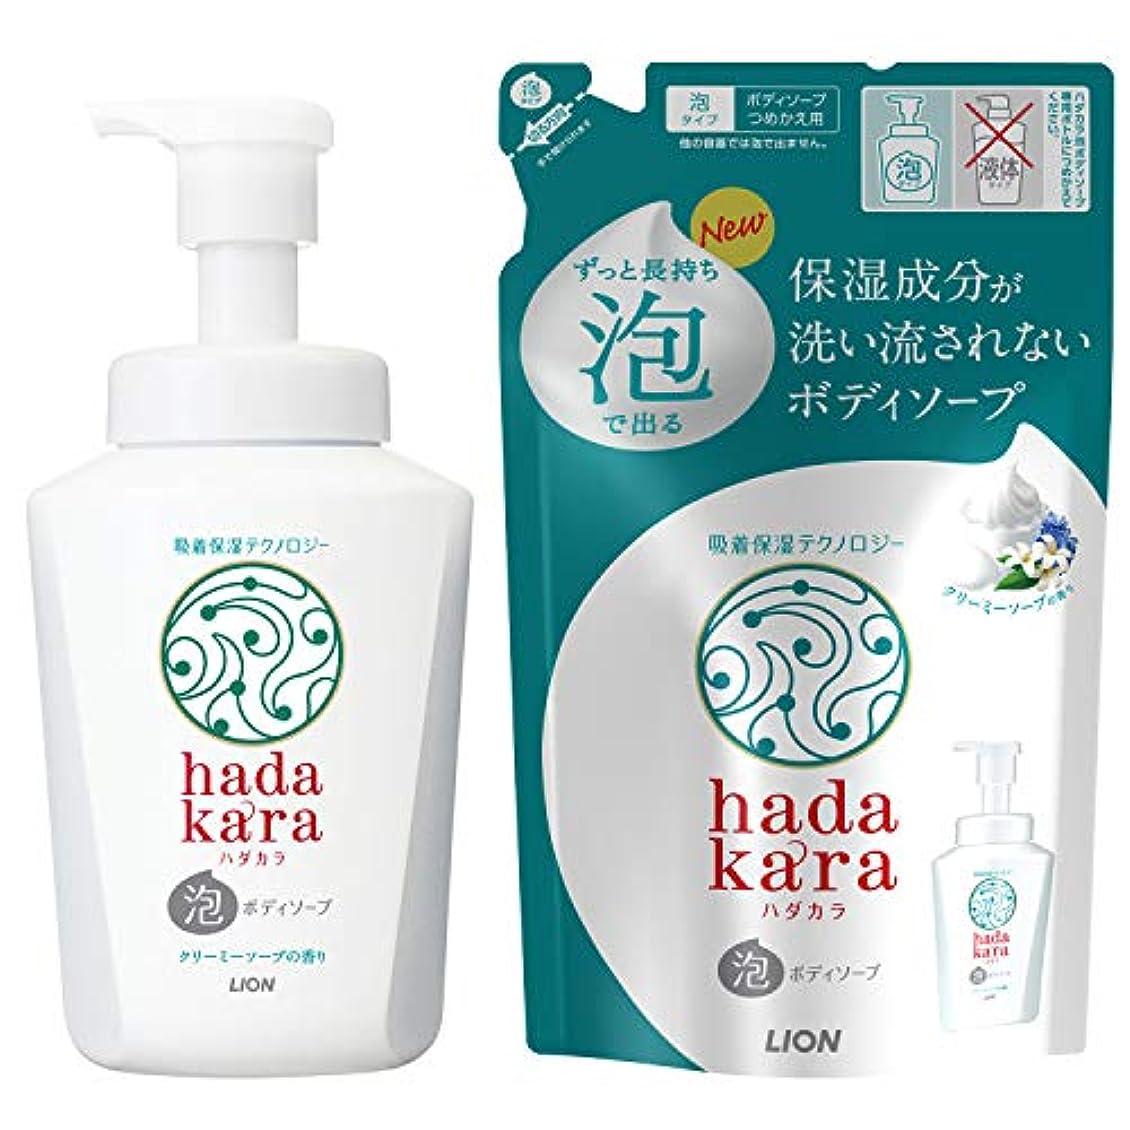 アクセスできない仕出します体系的にhadakara(ハダカラ) ボディソープ 泡タイプ クリーミーソープの香り 本体550ml+詰替440ml